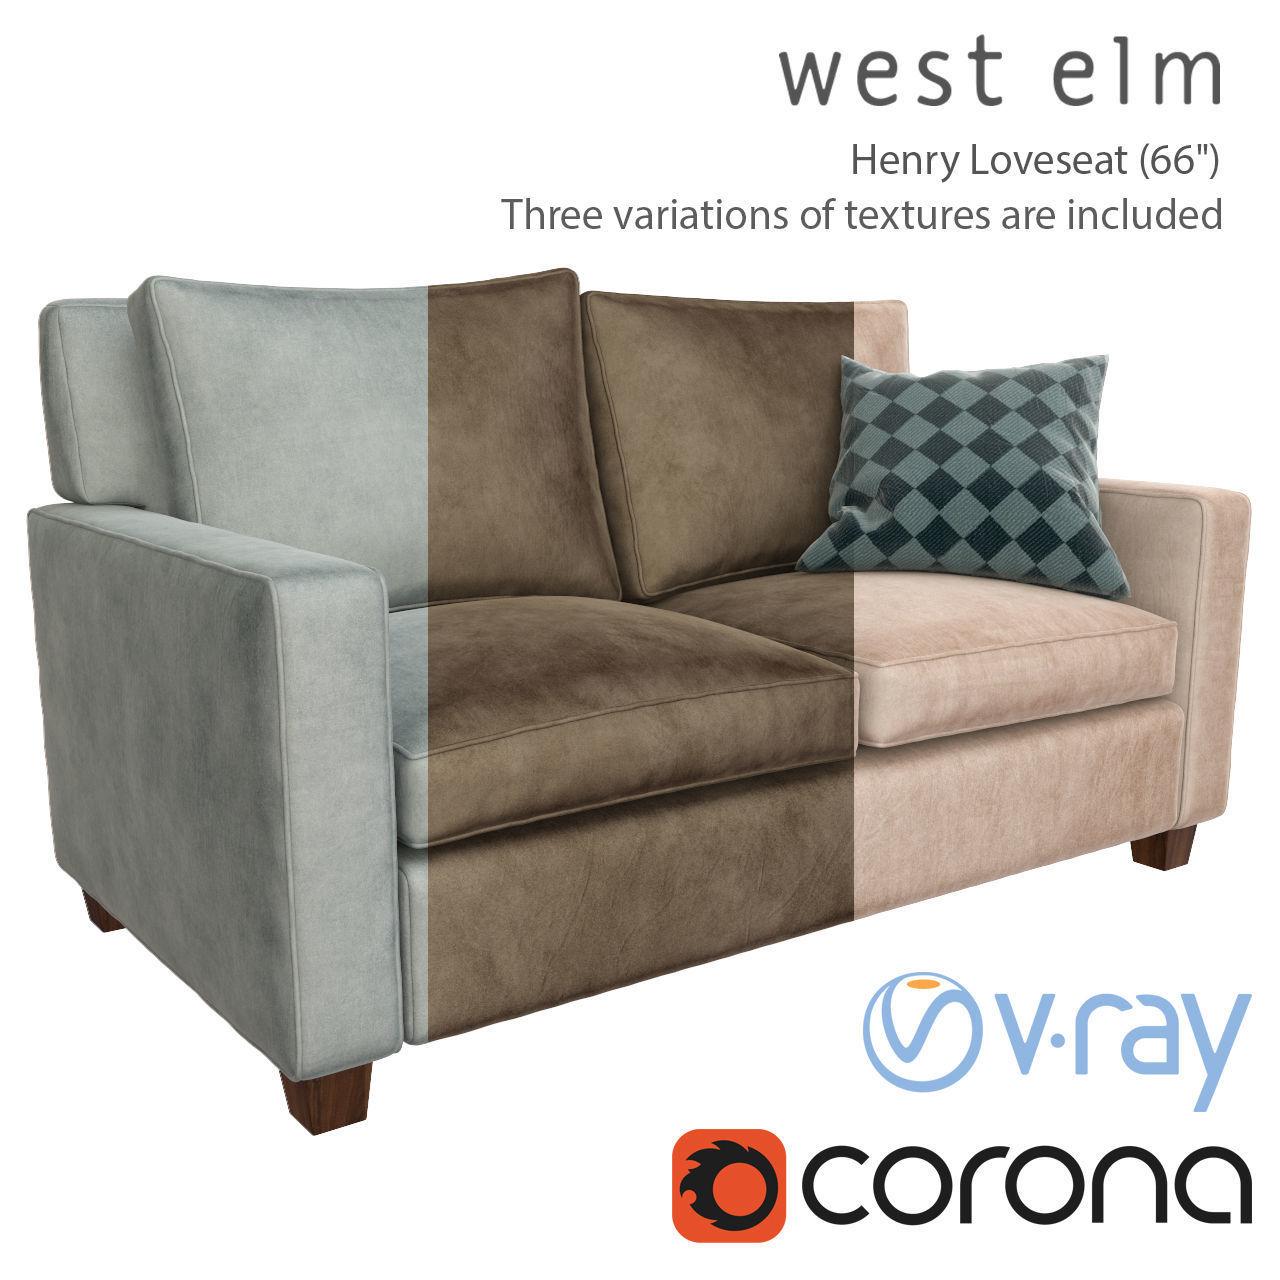 Excellent Sofa Henry Loveseat West Elm 3D Model Machost Co Dining Chair Design Ideas Machostcouk